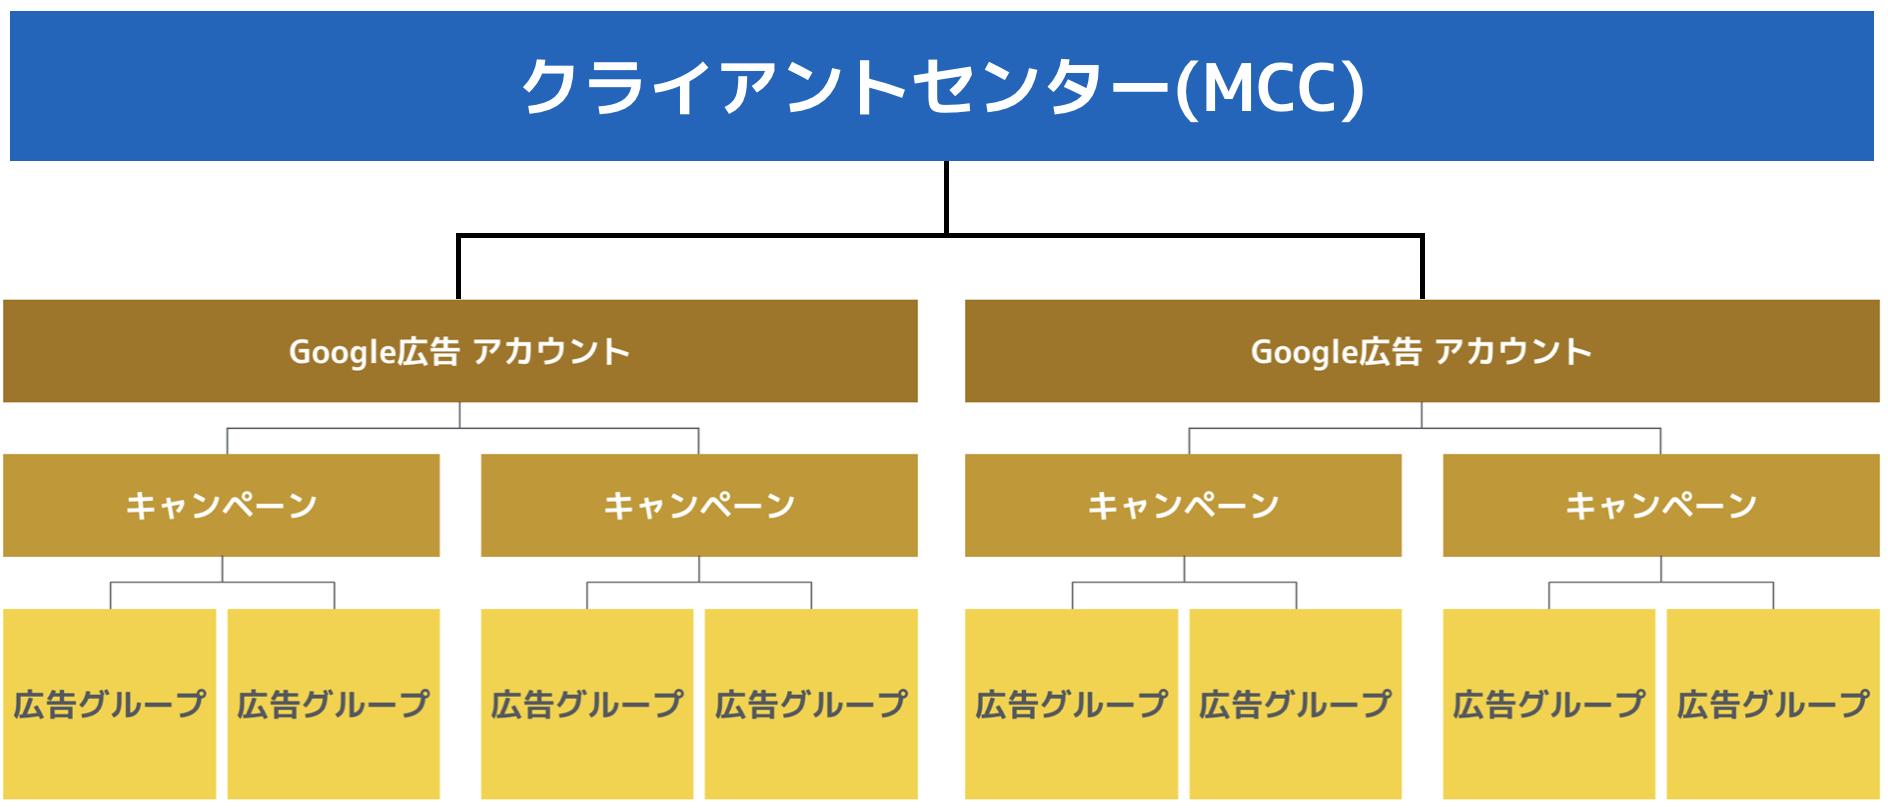 クライアントセンター(MCC)の解説